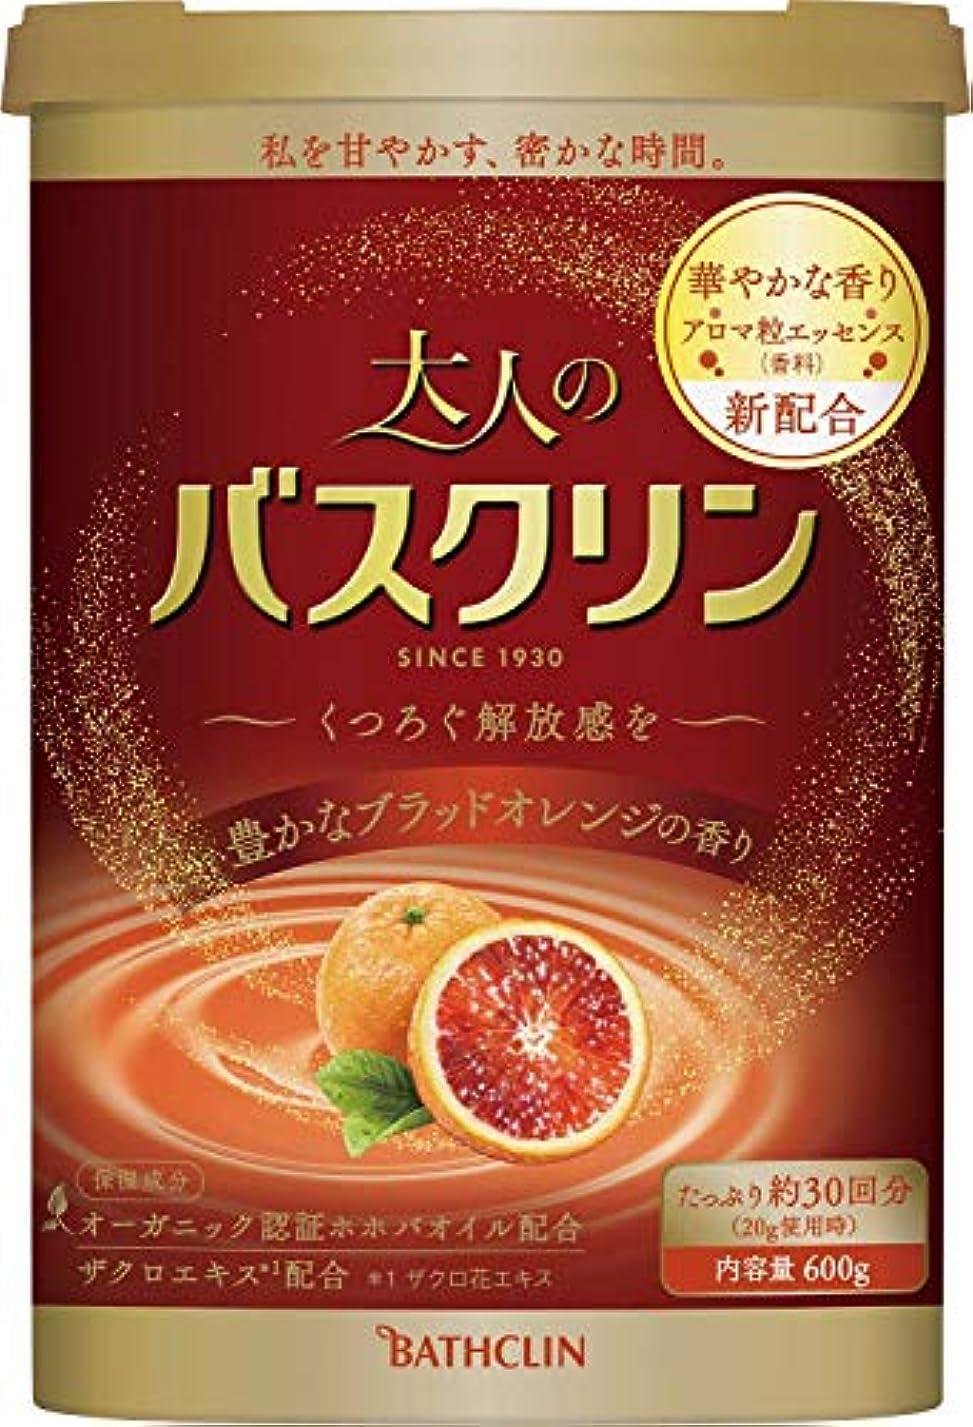 特別な不要提出する大人のバスクリン入浴剤 豊かなブラッドオレンジの香り600g(約30回分) リラックス にごりタイプ